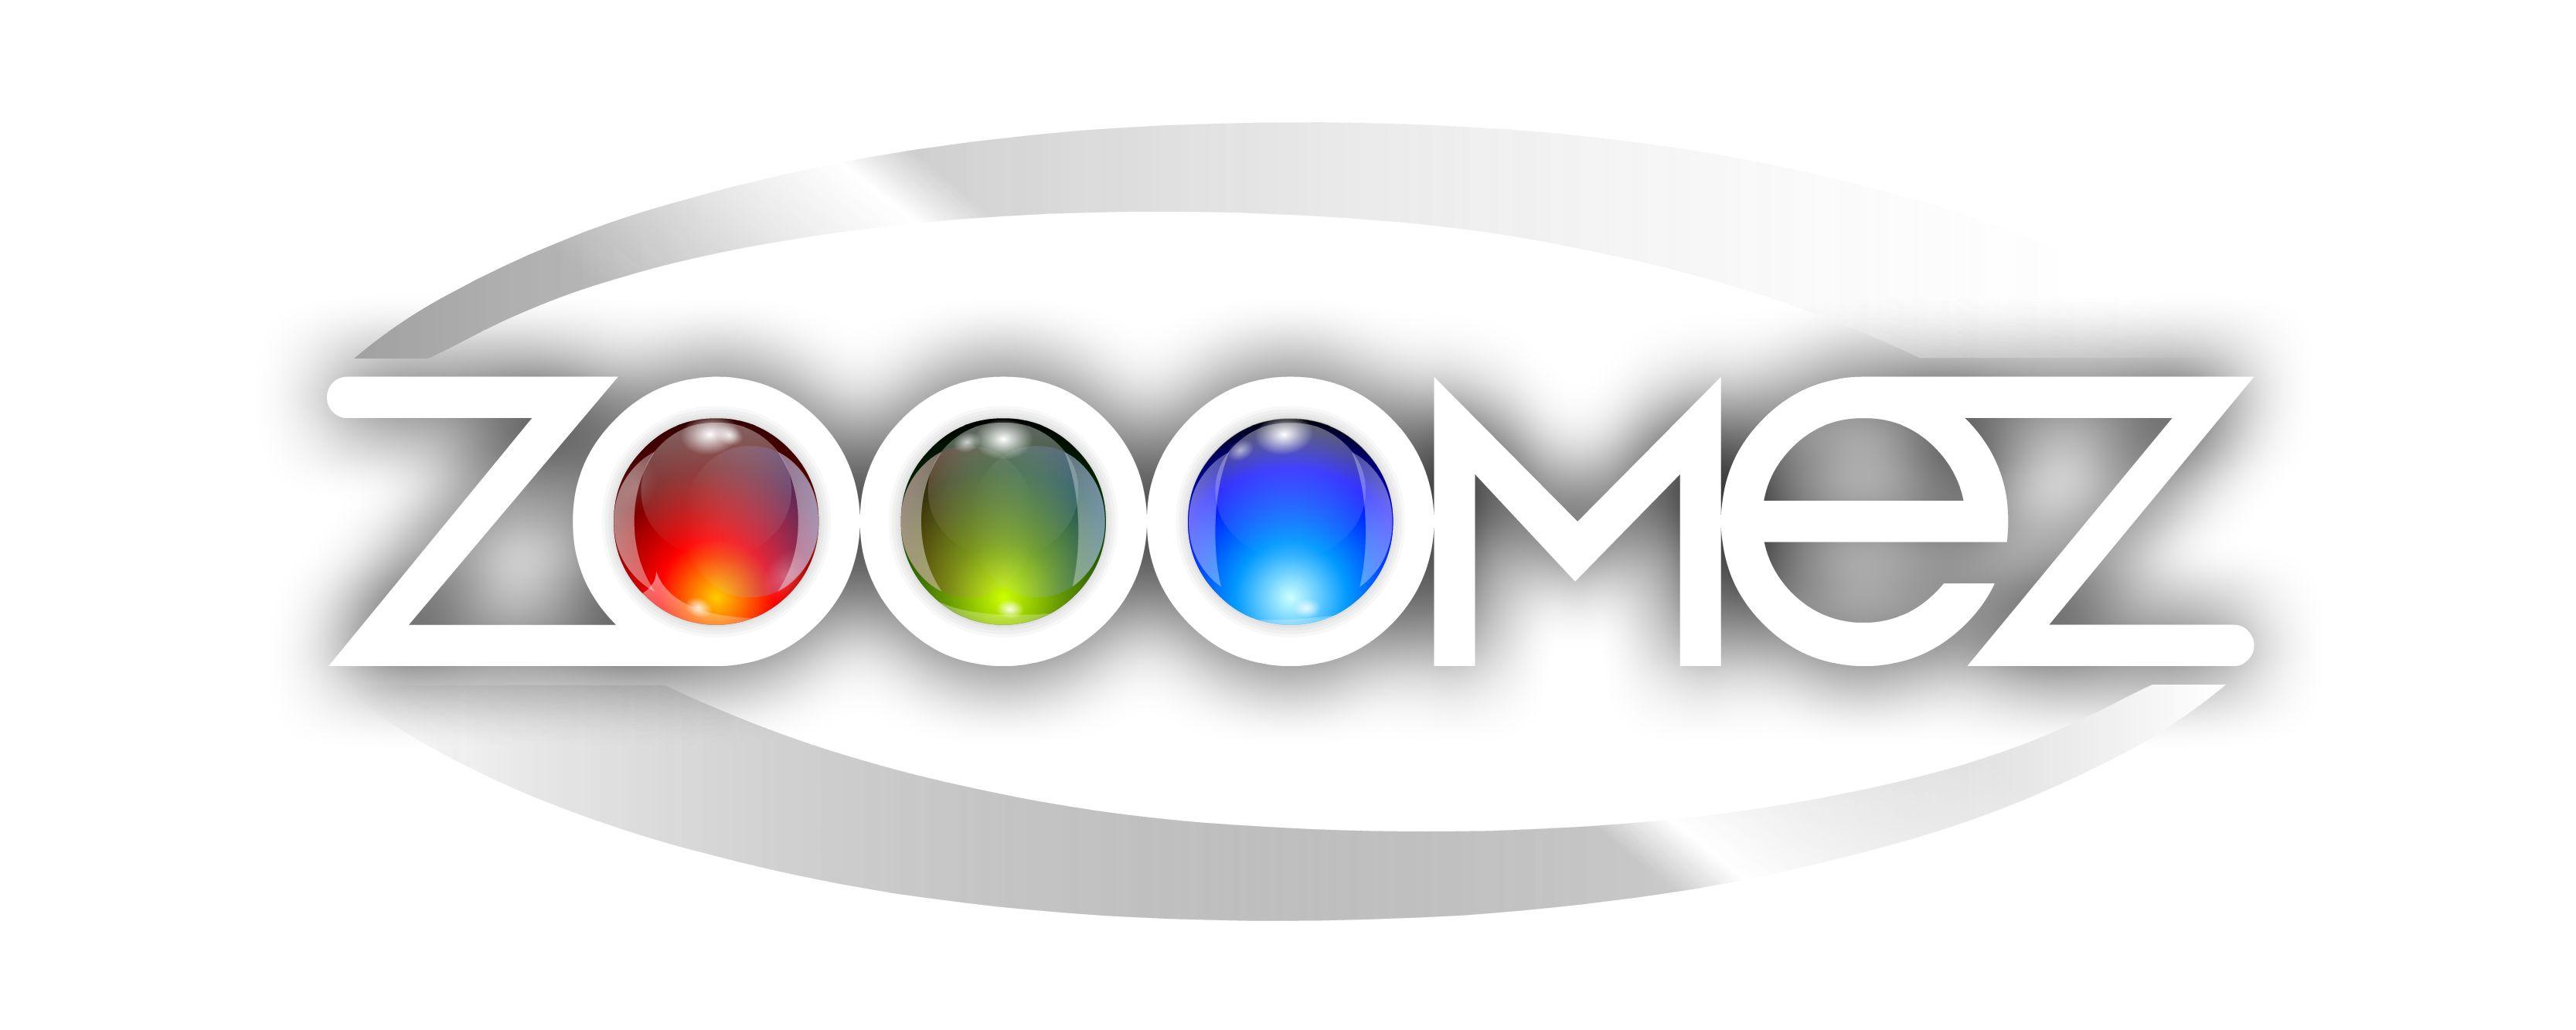 logo zooomez def blanc 01